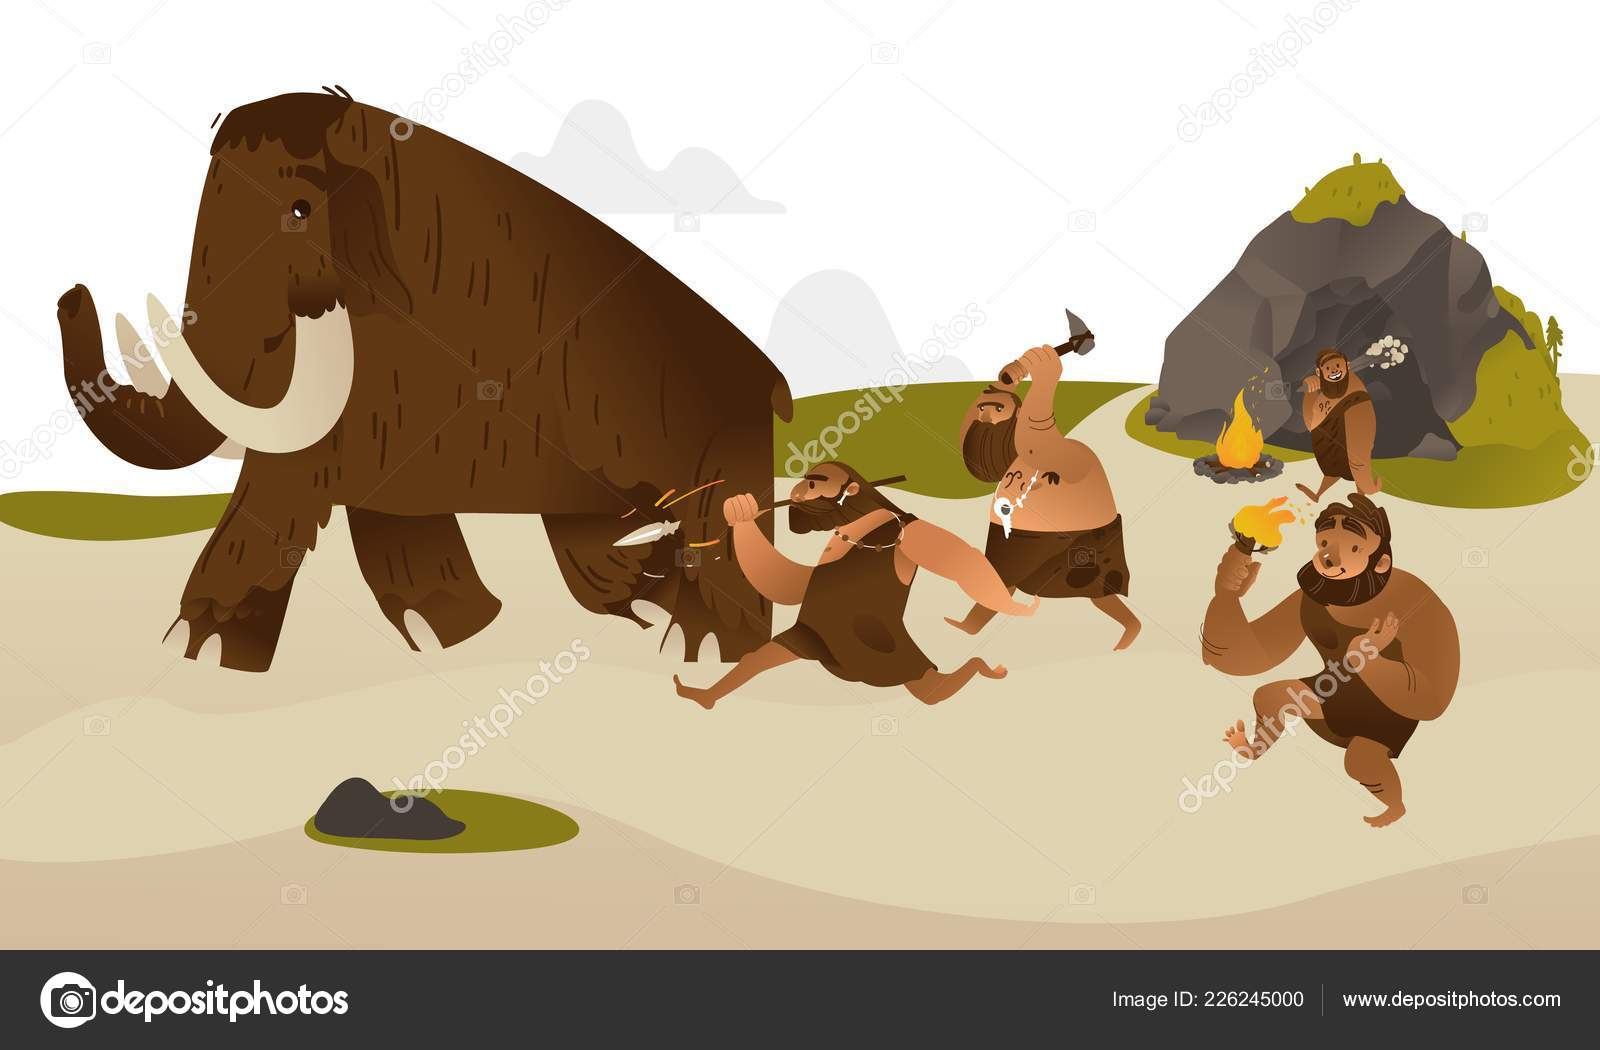 Uomo delle caverne antica con armi preistoriche a caccia di mammut